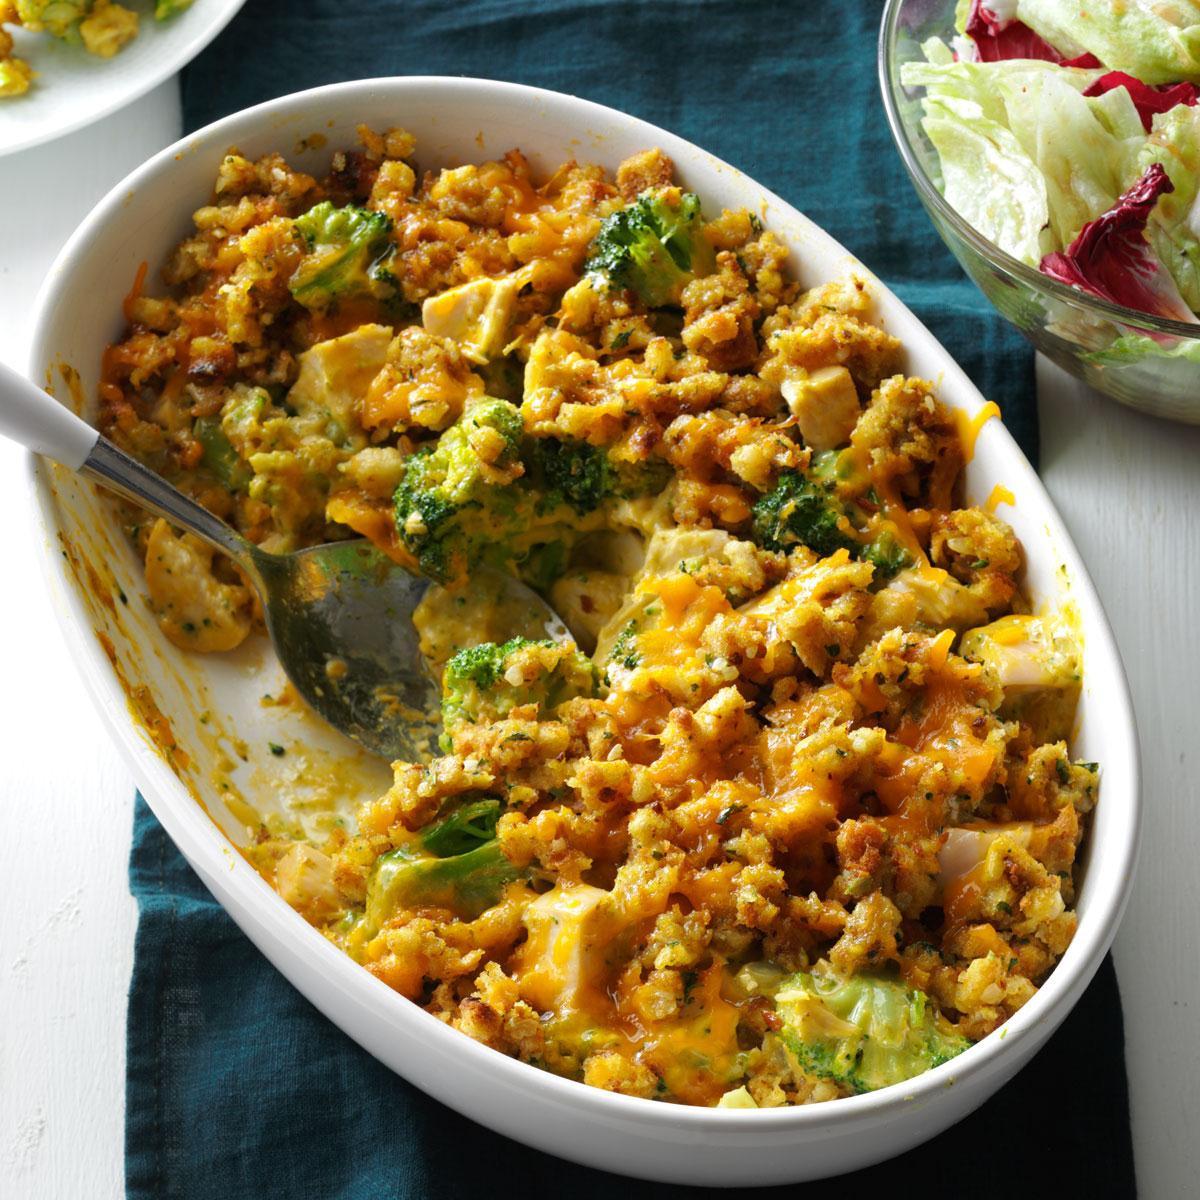 Chicken Broccoli Casserole Recipe  Contest Winning Broccoli Chicken Casserole Recipe